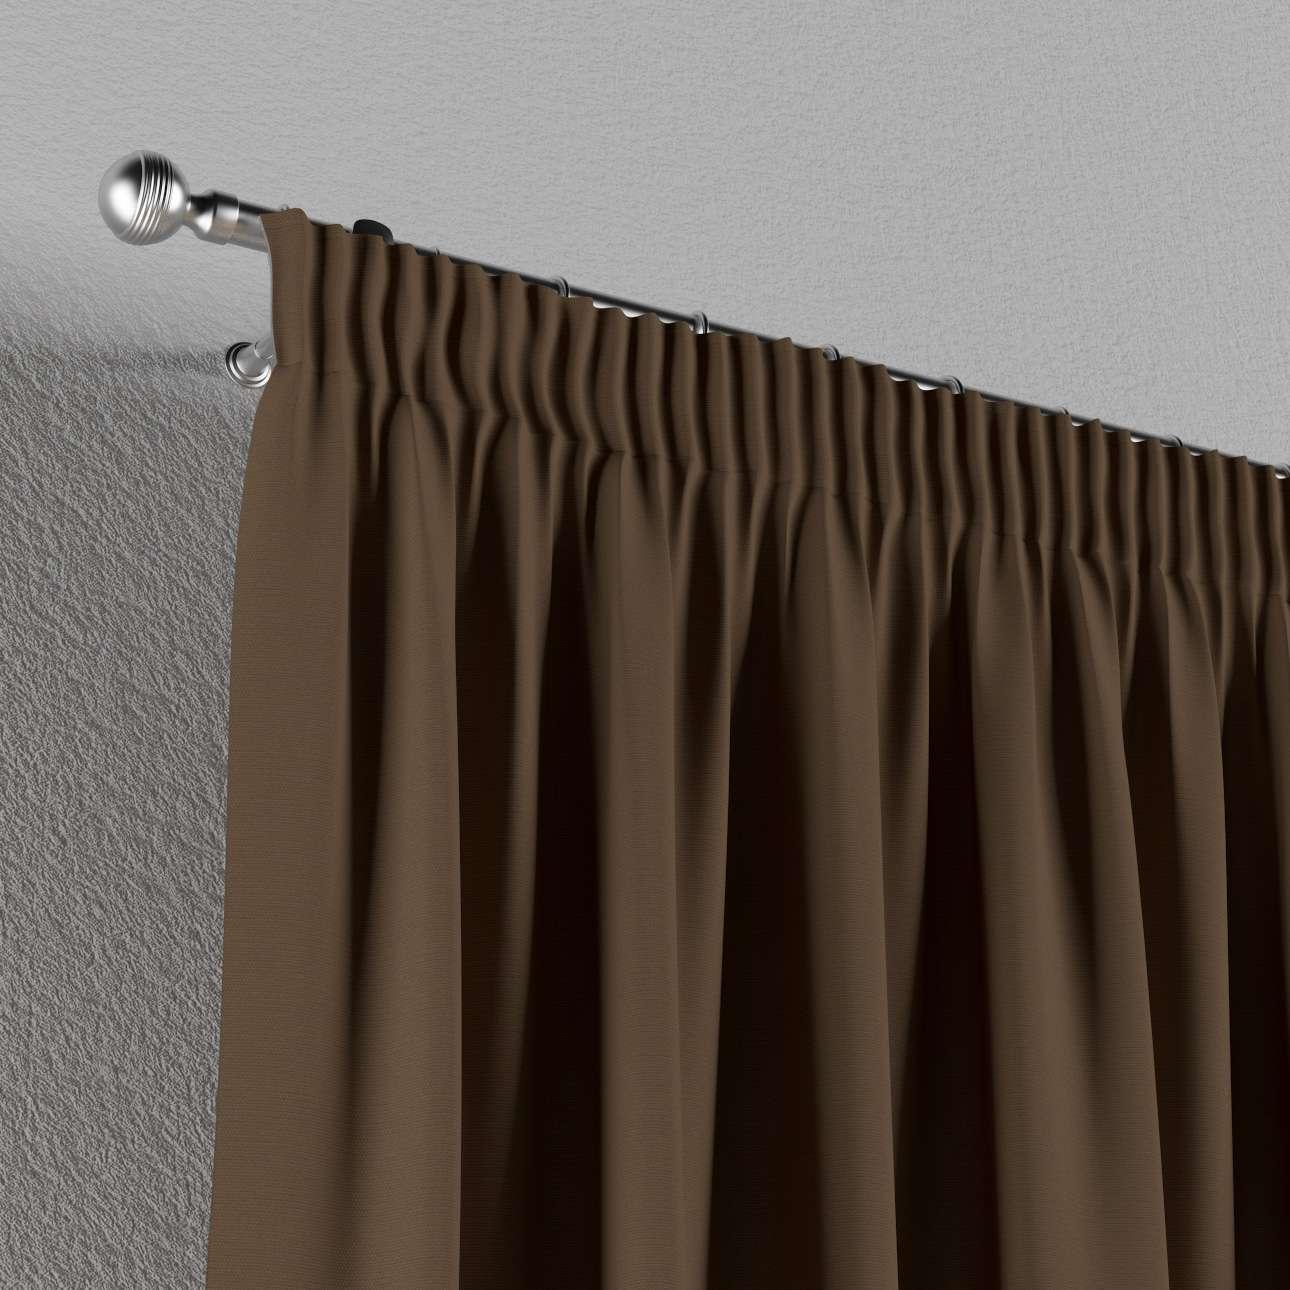 Függöny ráncolóval 130 x 260 cm a kollekcióból Bútorszövet Cotton Panama, Dekoranyag: 702-02